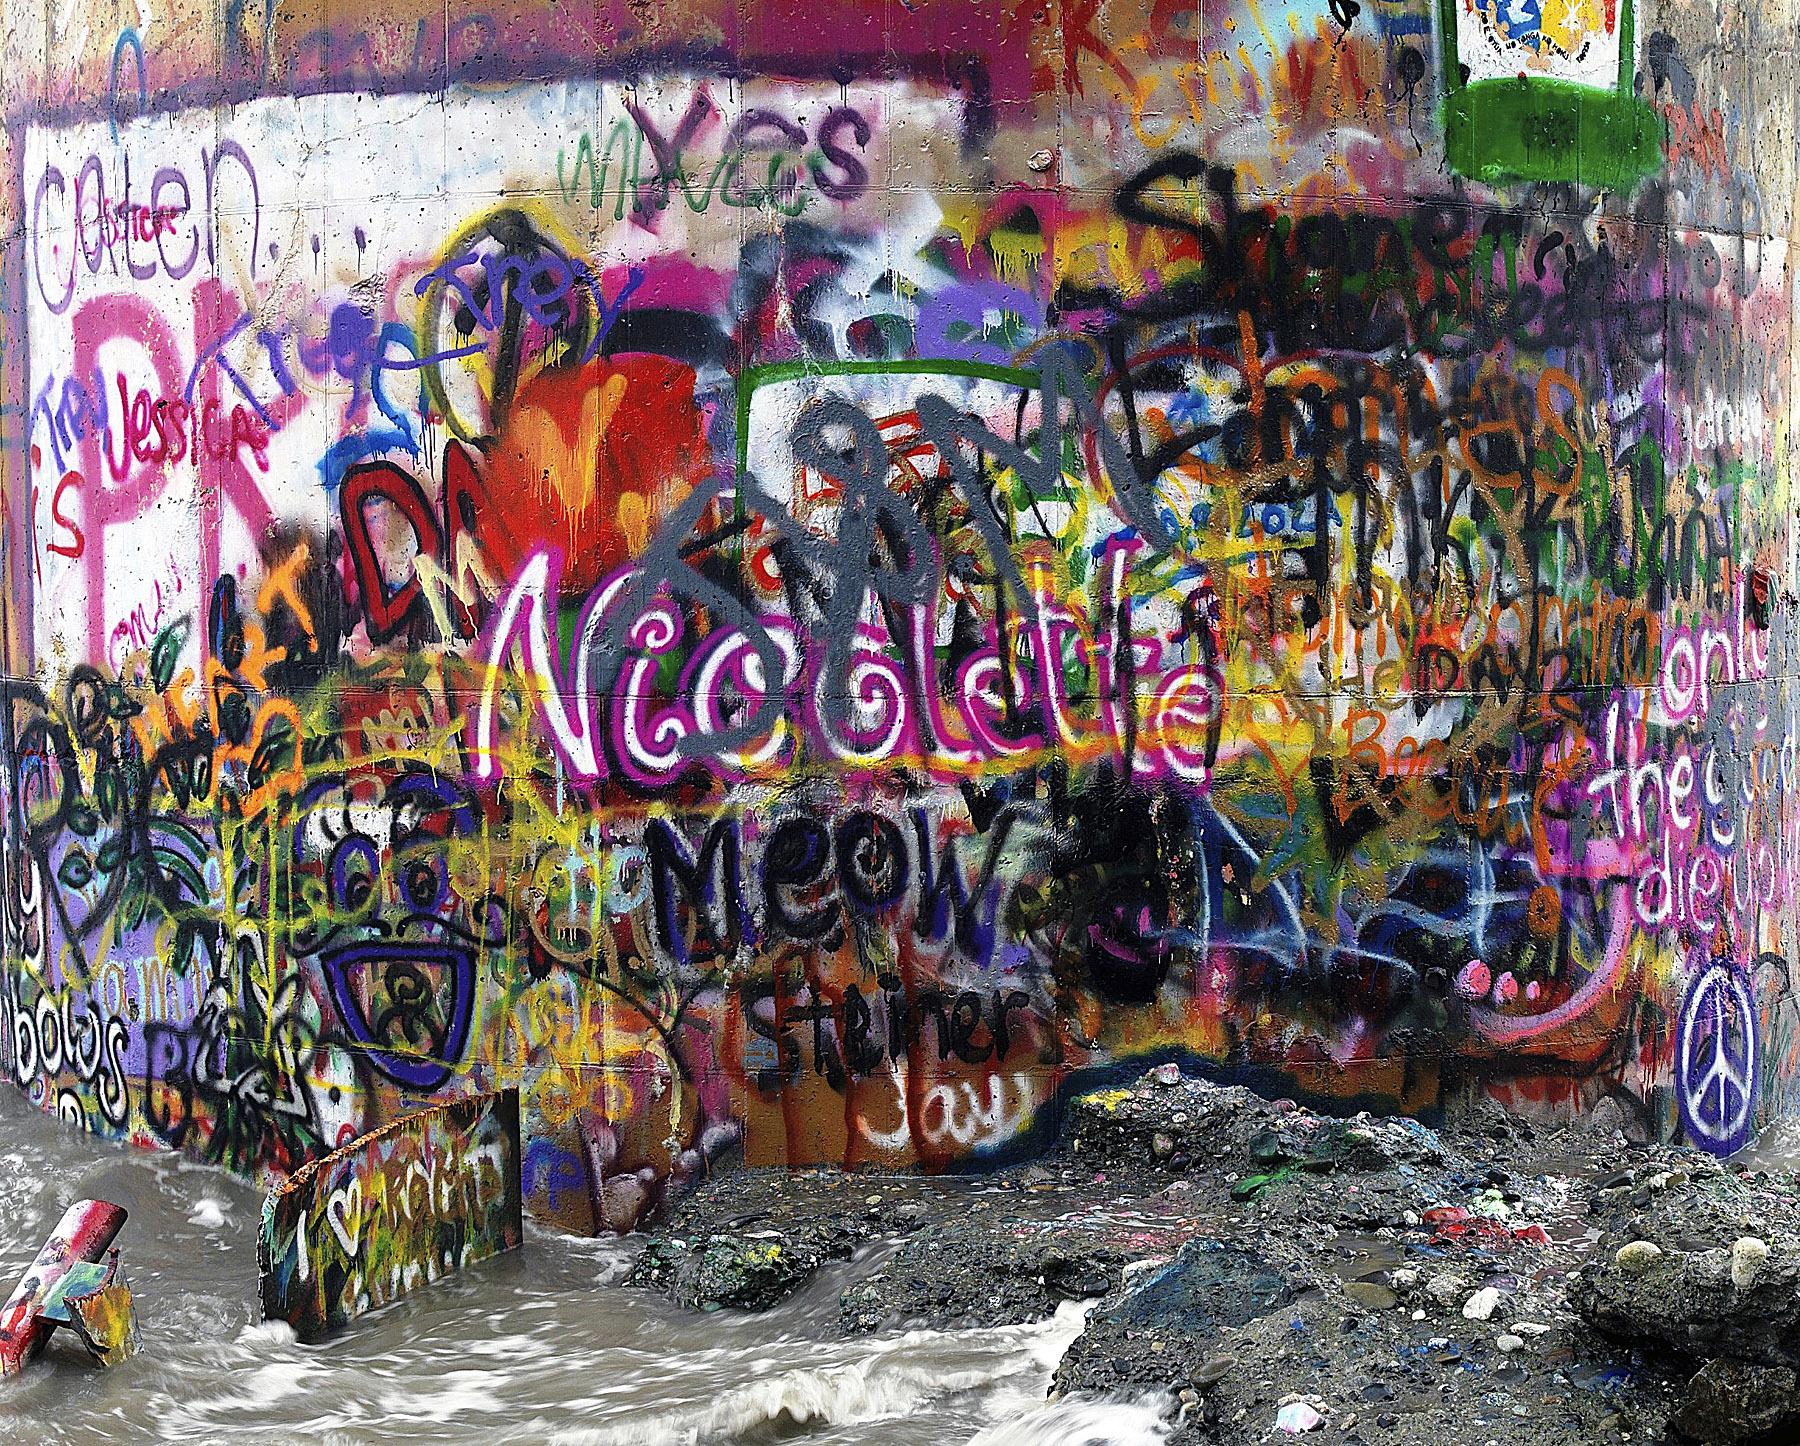 Water Tower Graffiti by bensonga in bensonga